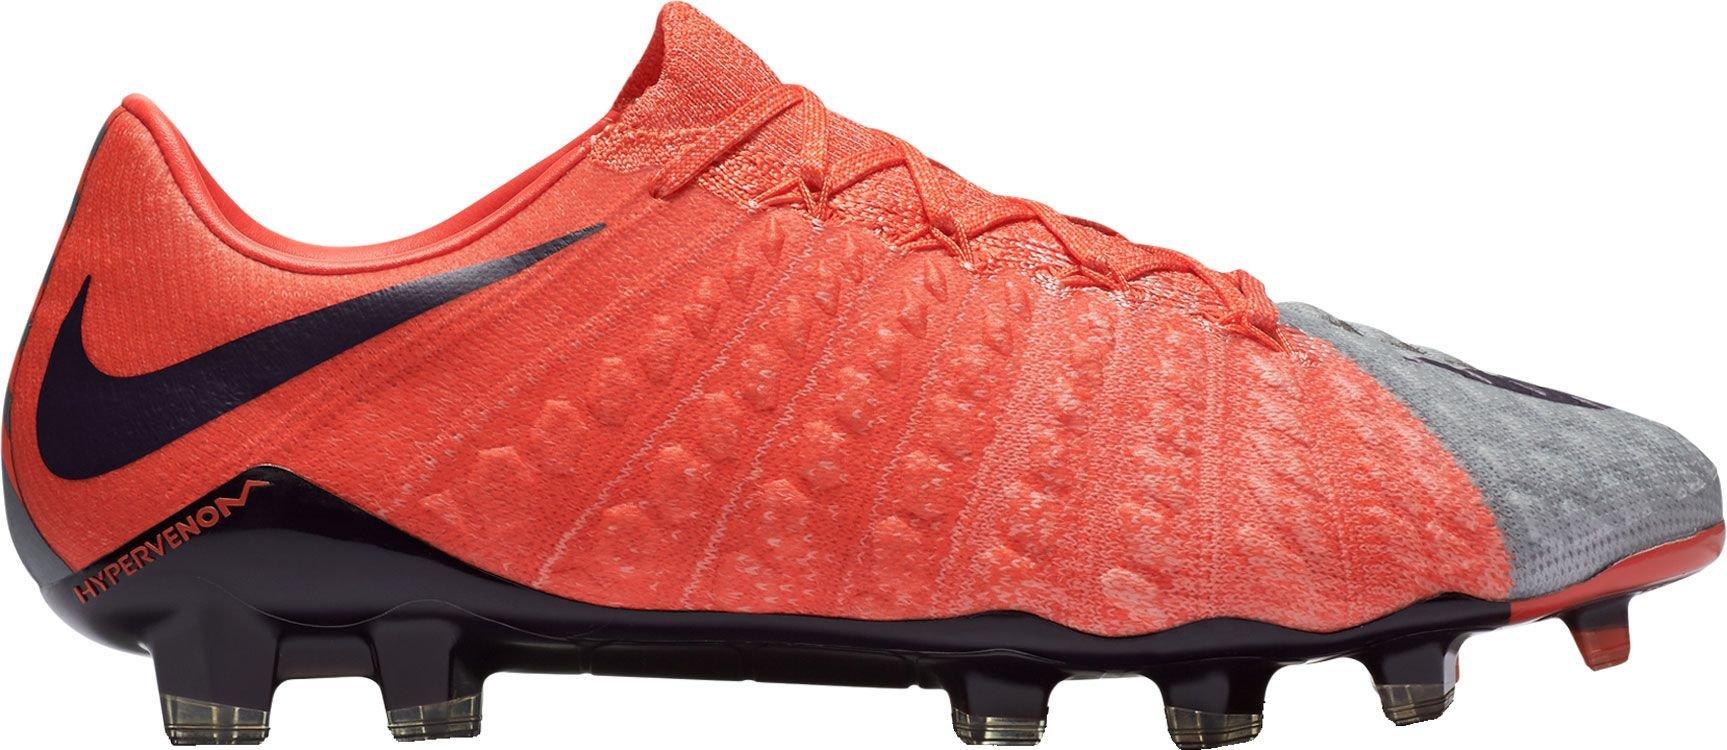 Nike Women Hypervenom Phantom III FG Size 11